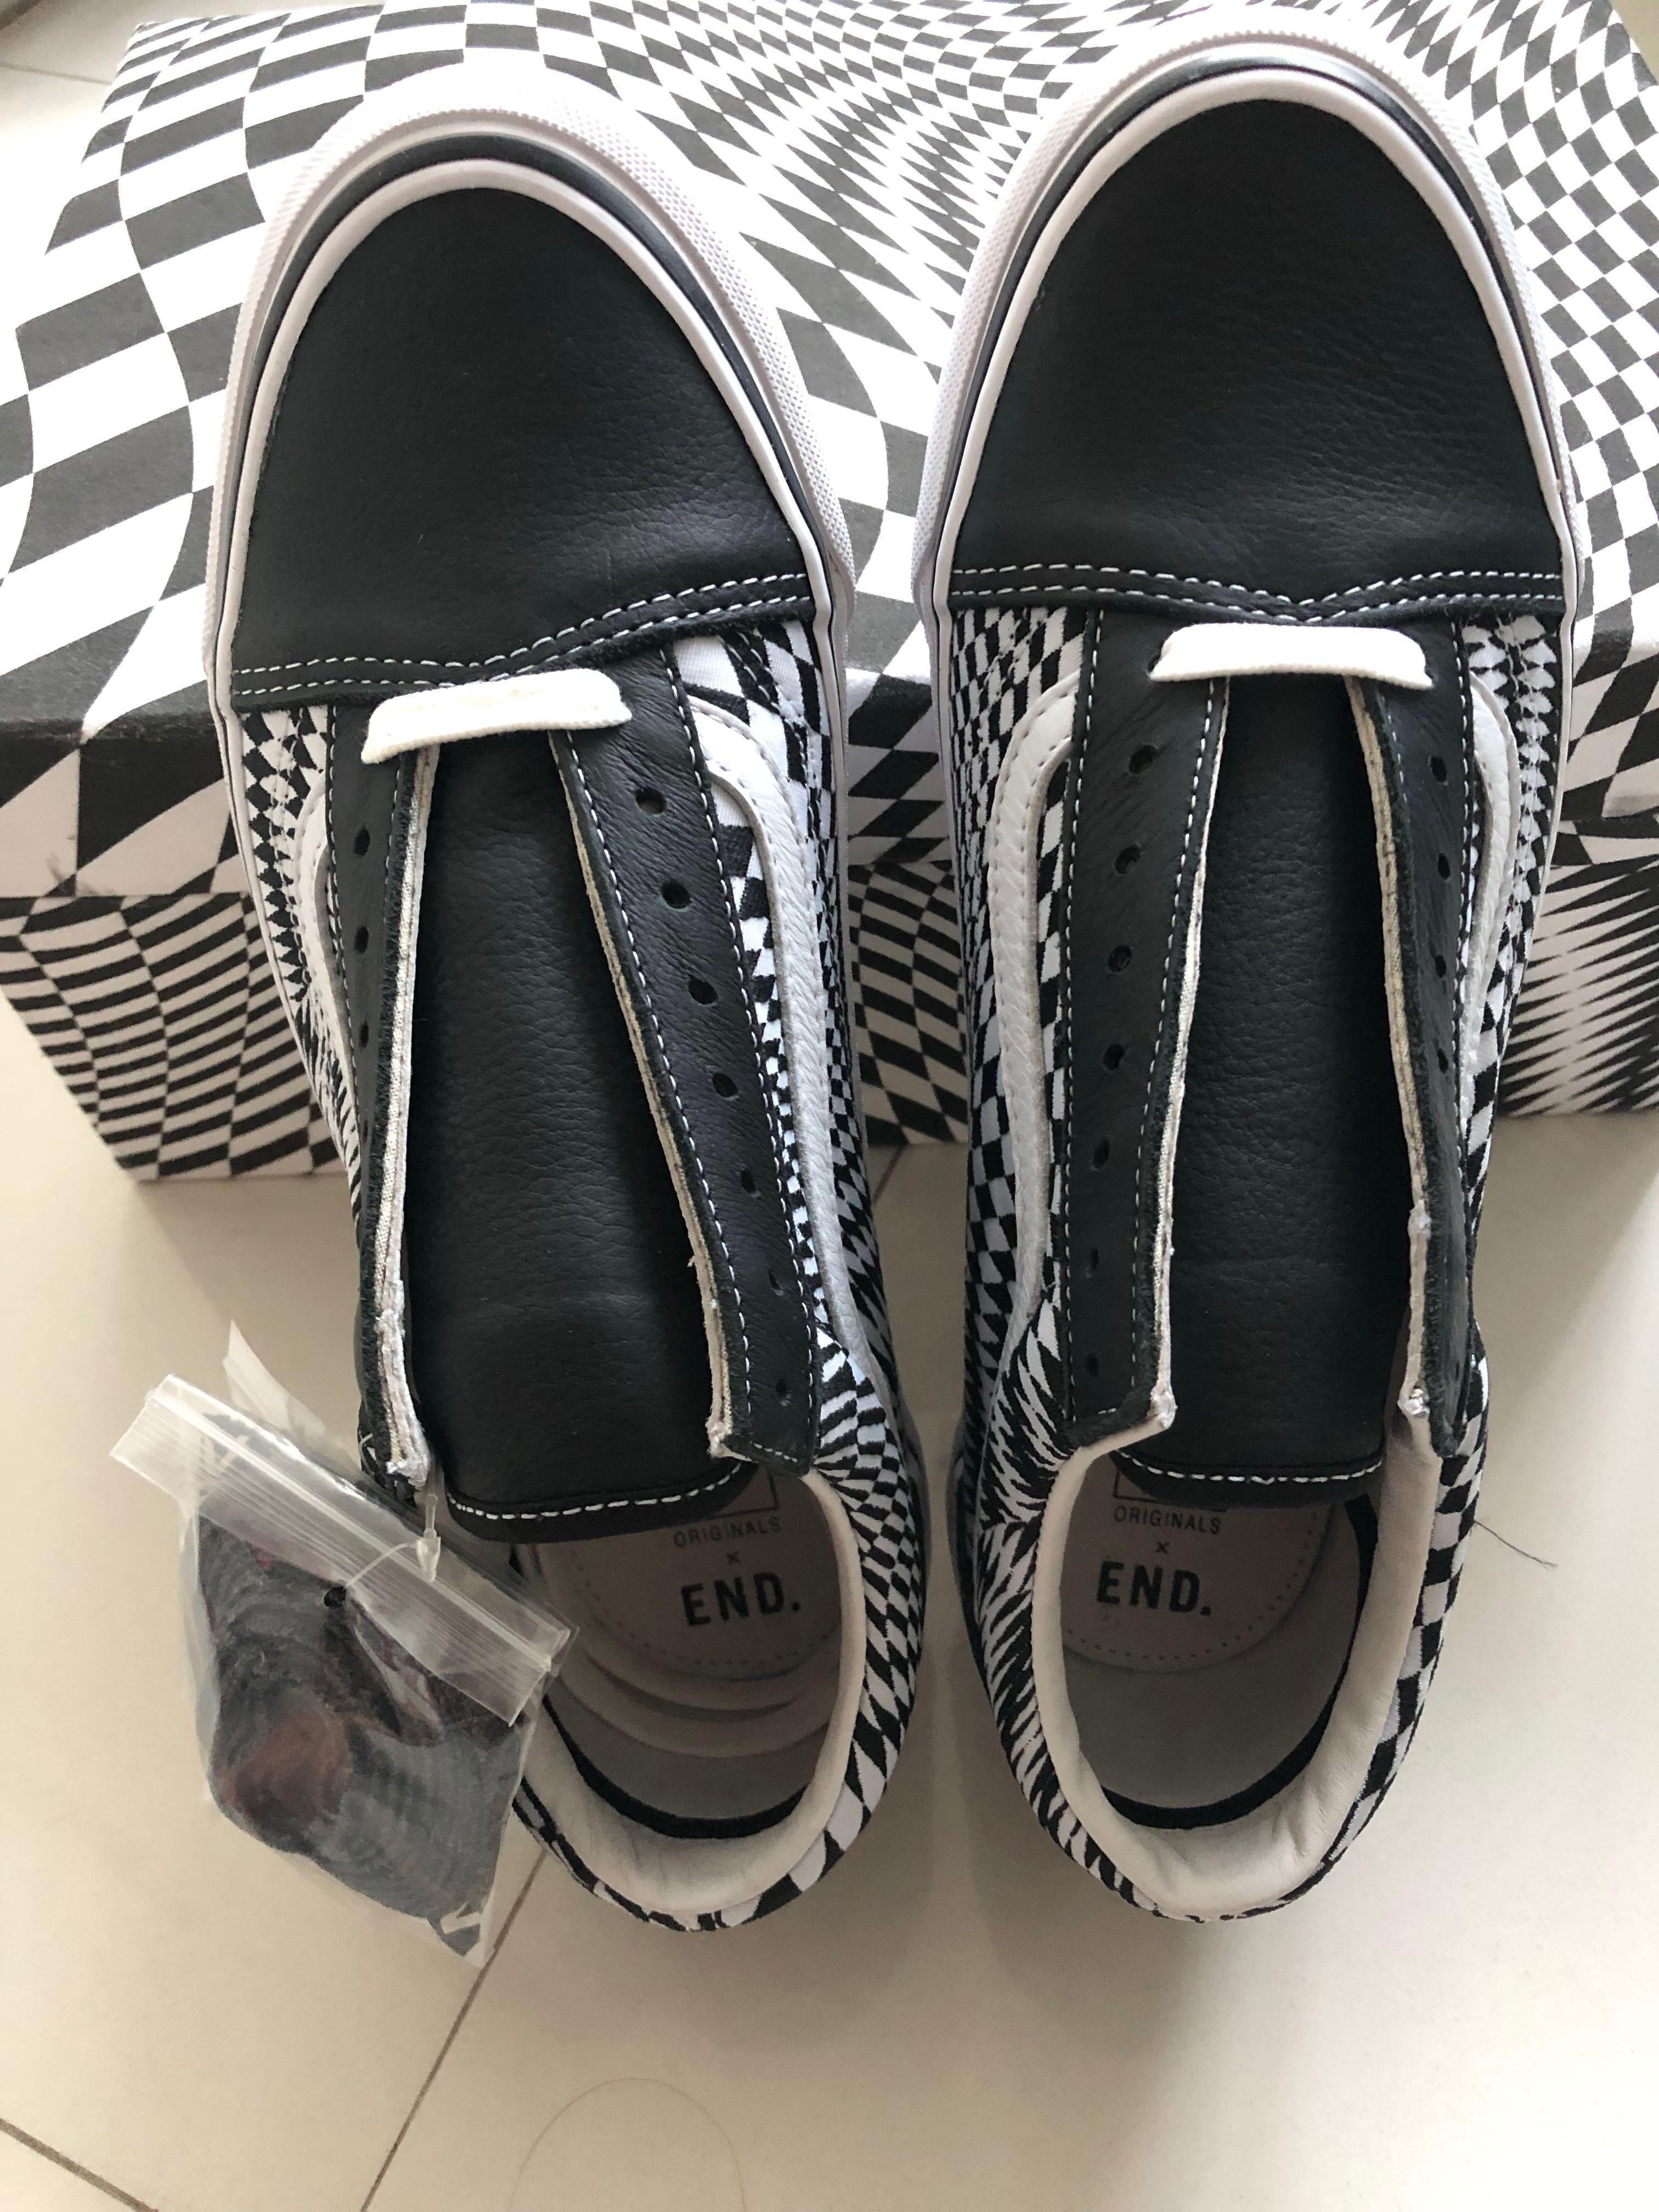 """72e32059a01 Vans x End Old Skool LX """"Vertigo"""" shoes"""